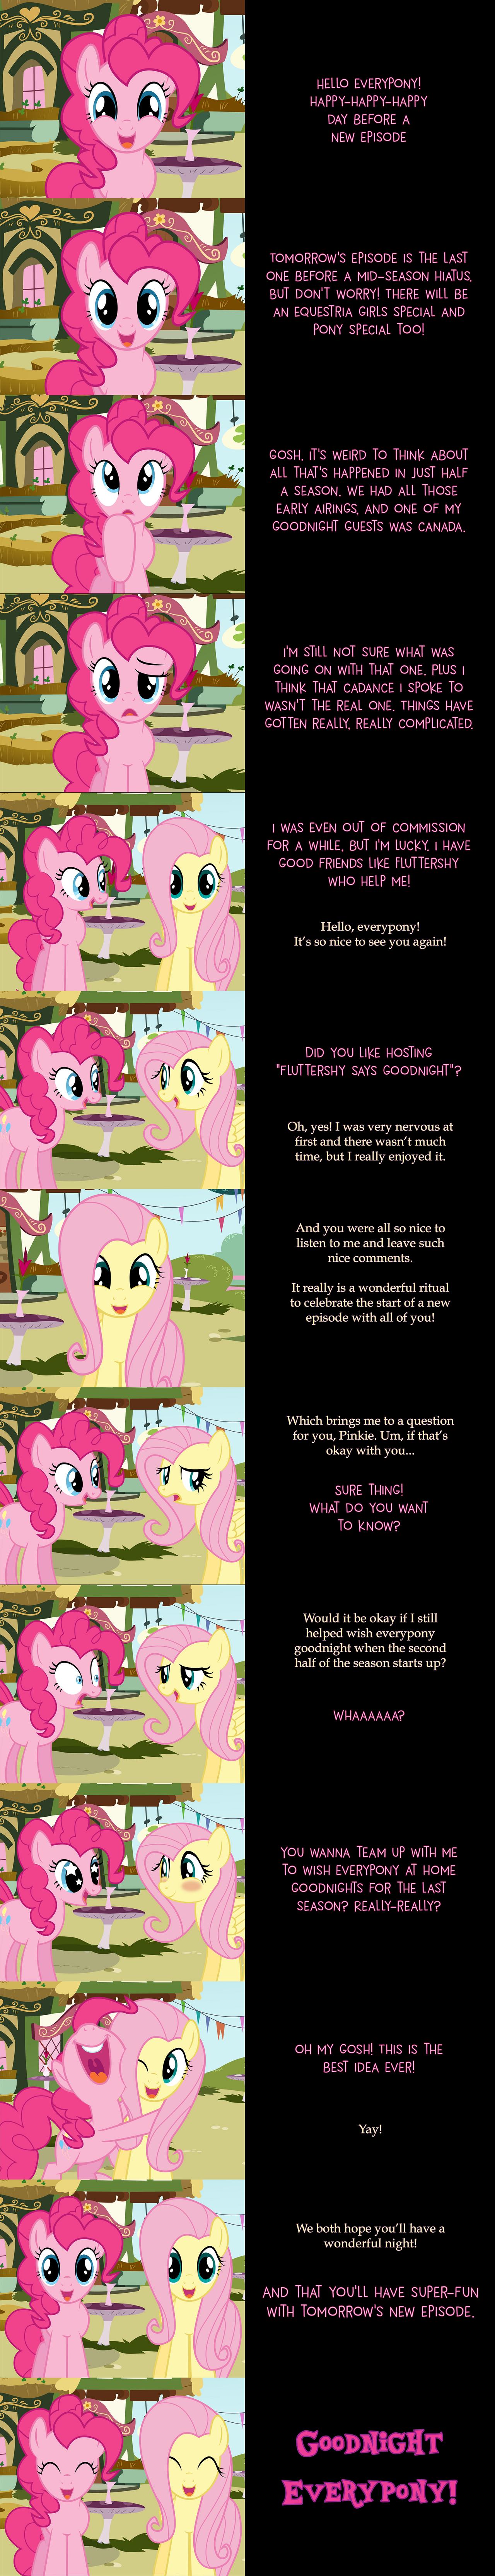 Pinkie Pie Says Goodnight: Partners